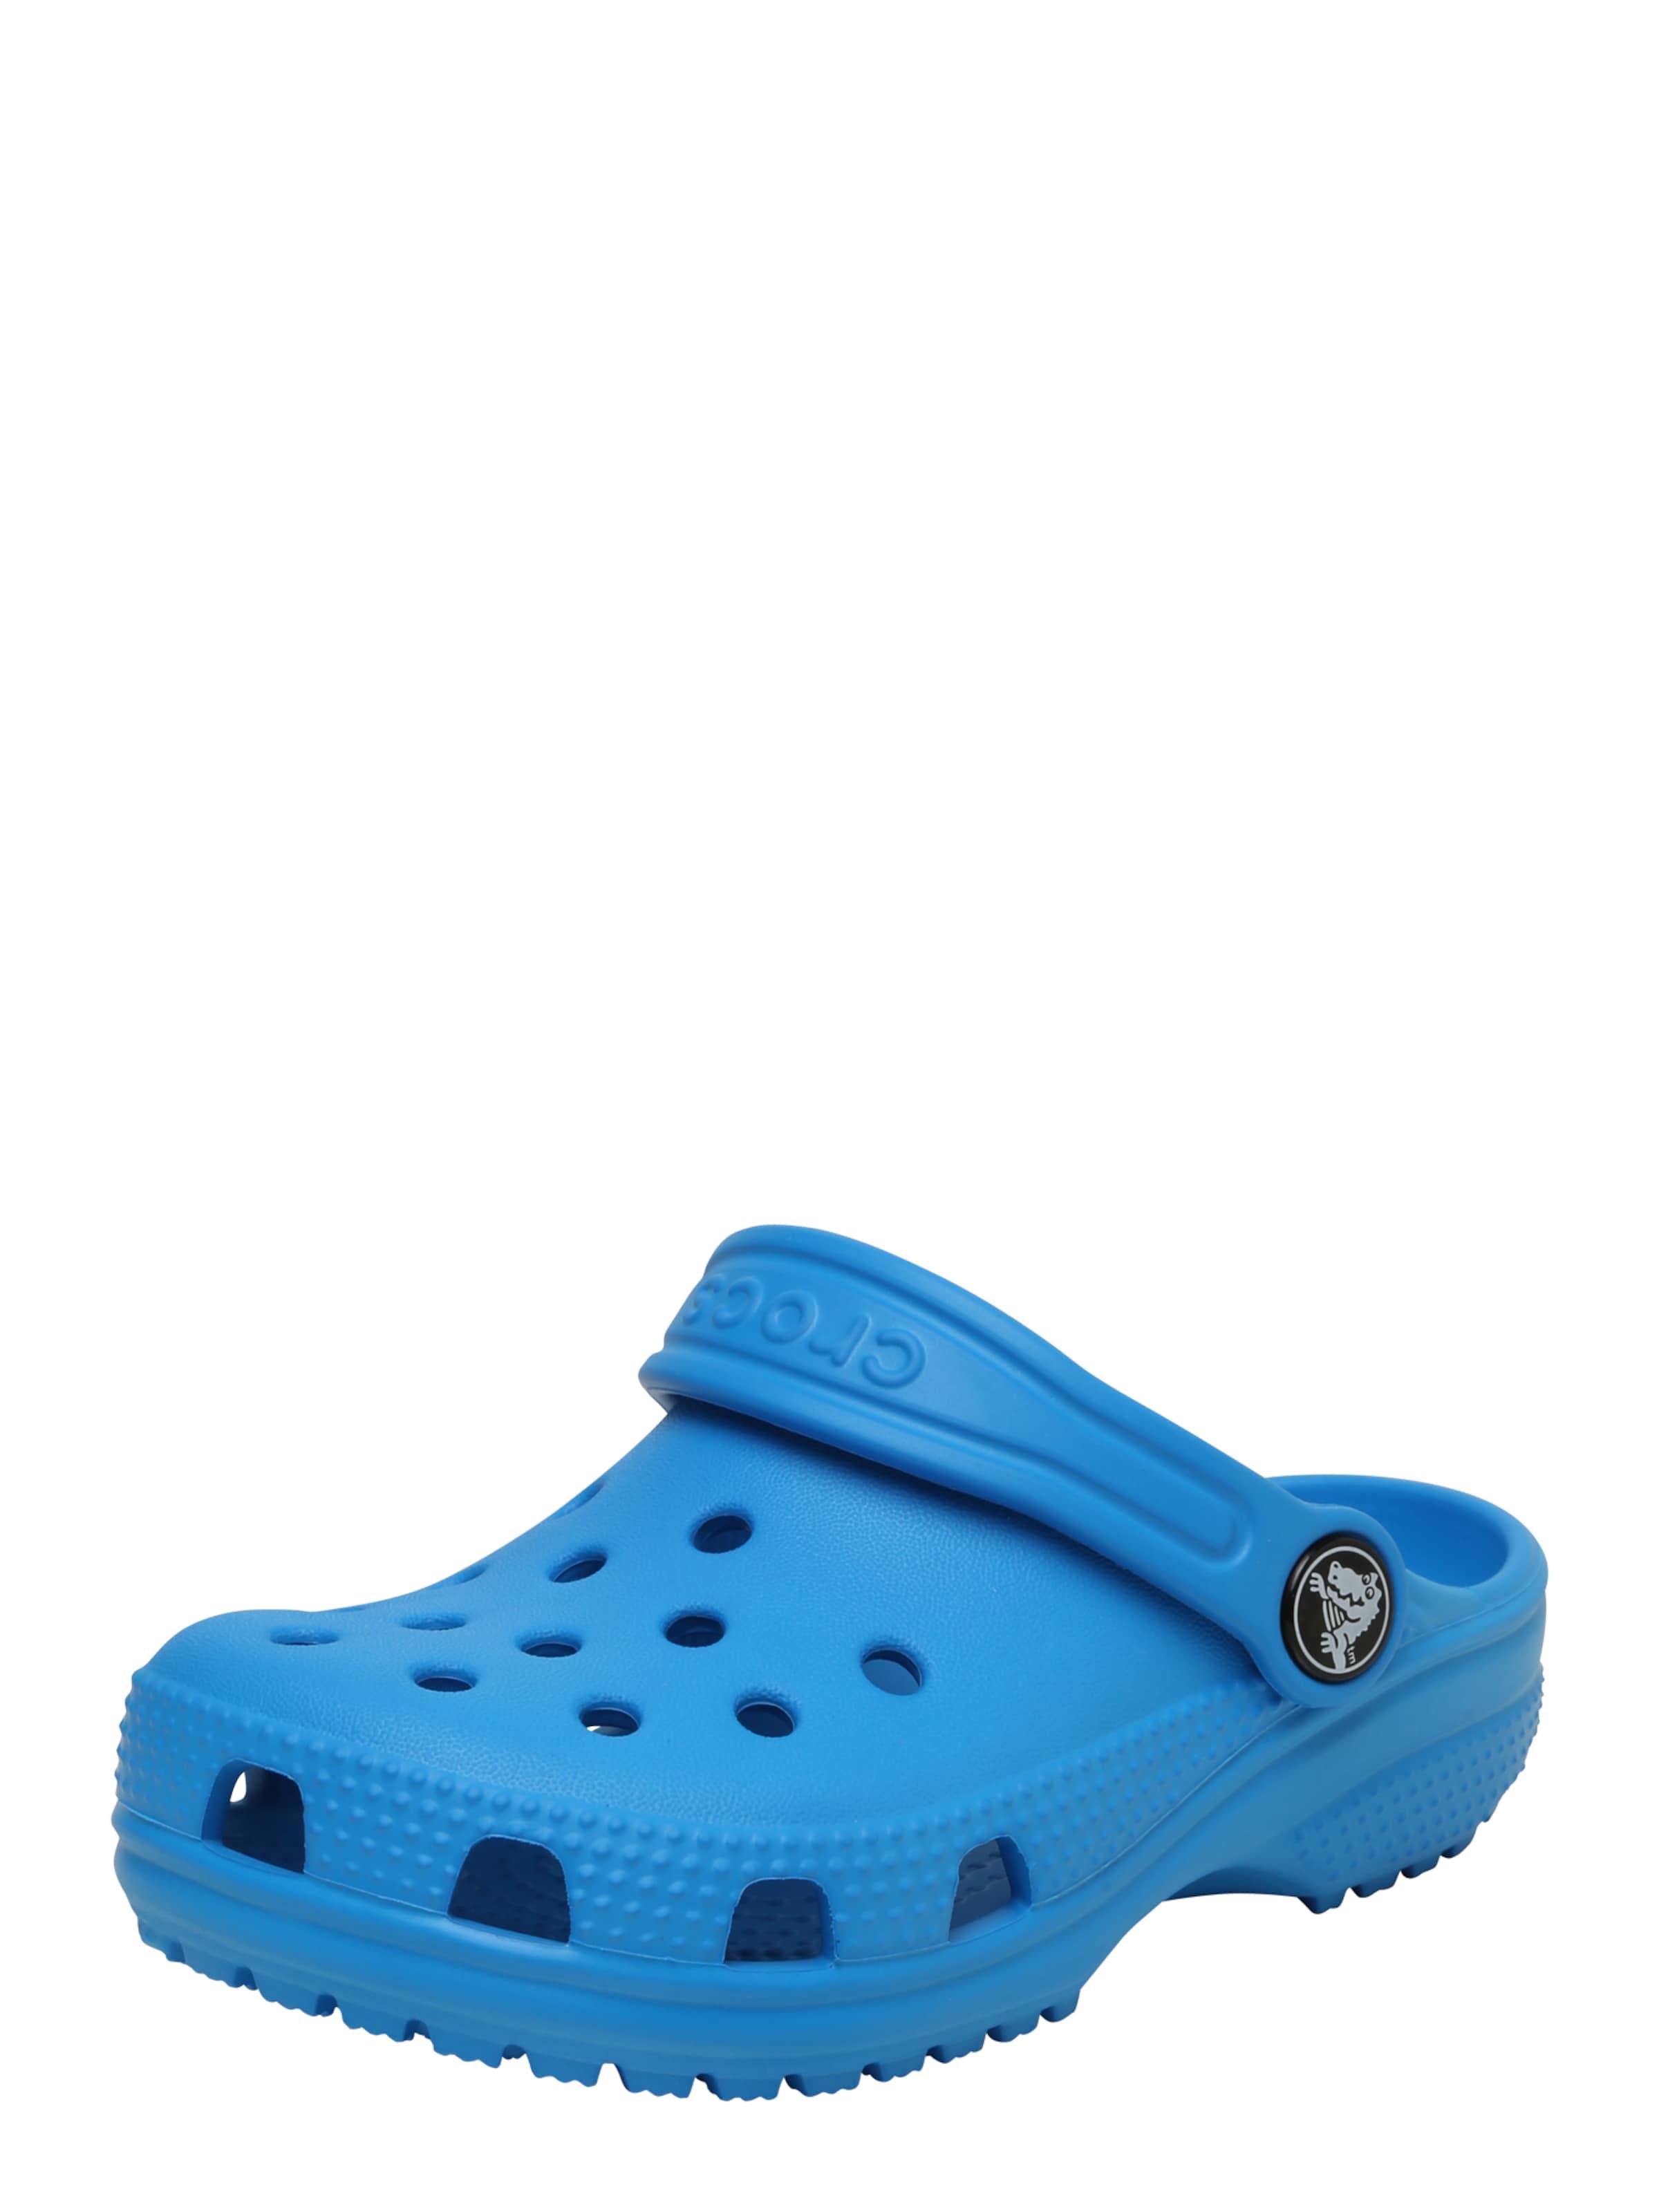 Sandale Chaussure Crocs Eau Rapide K Pour Les Enfants - Bleu dWudG9c76n